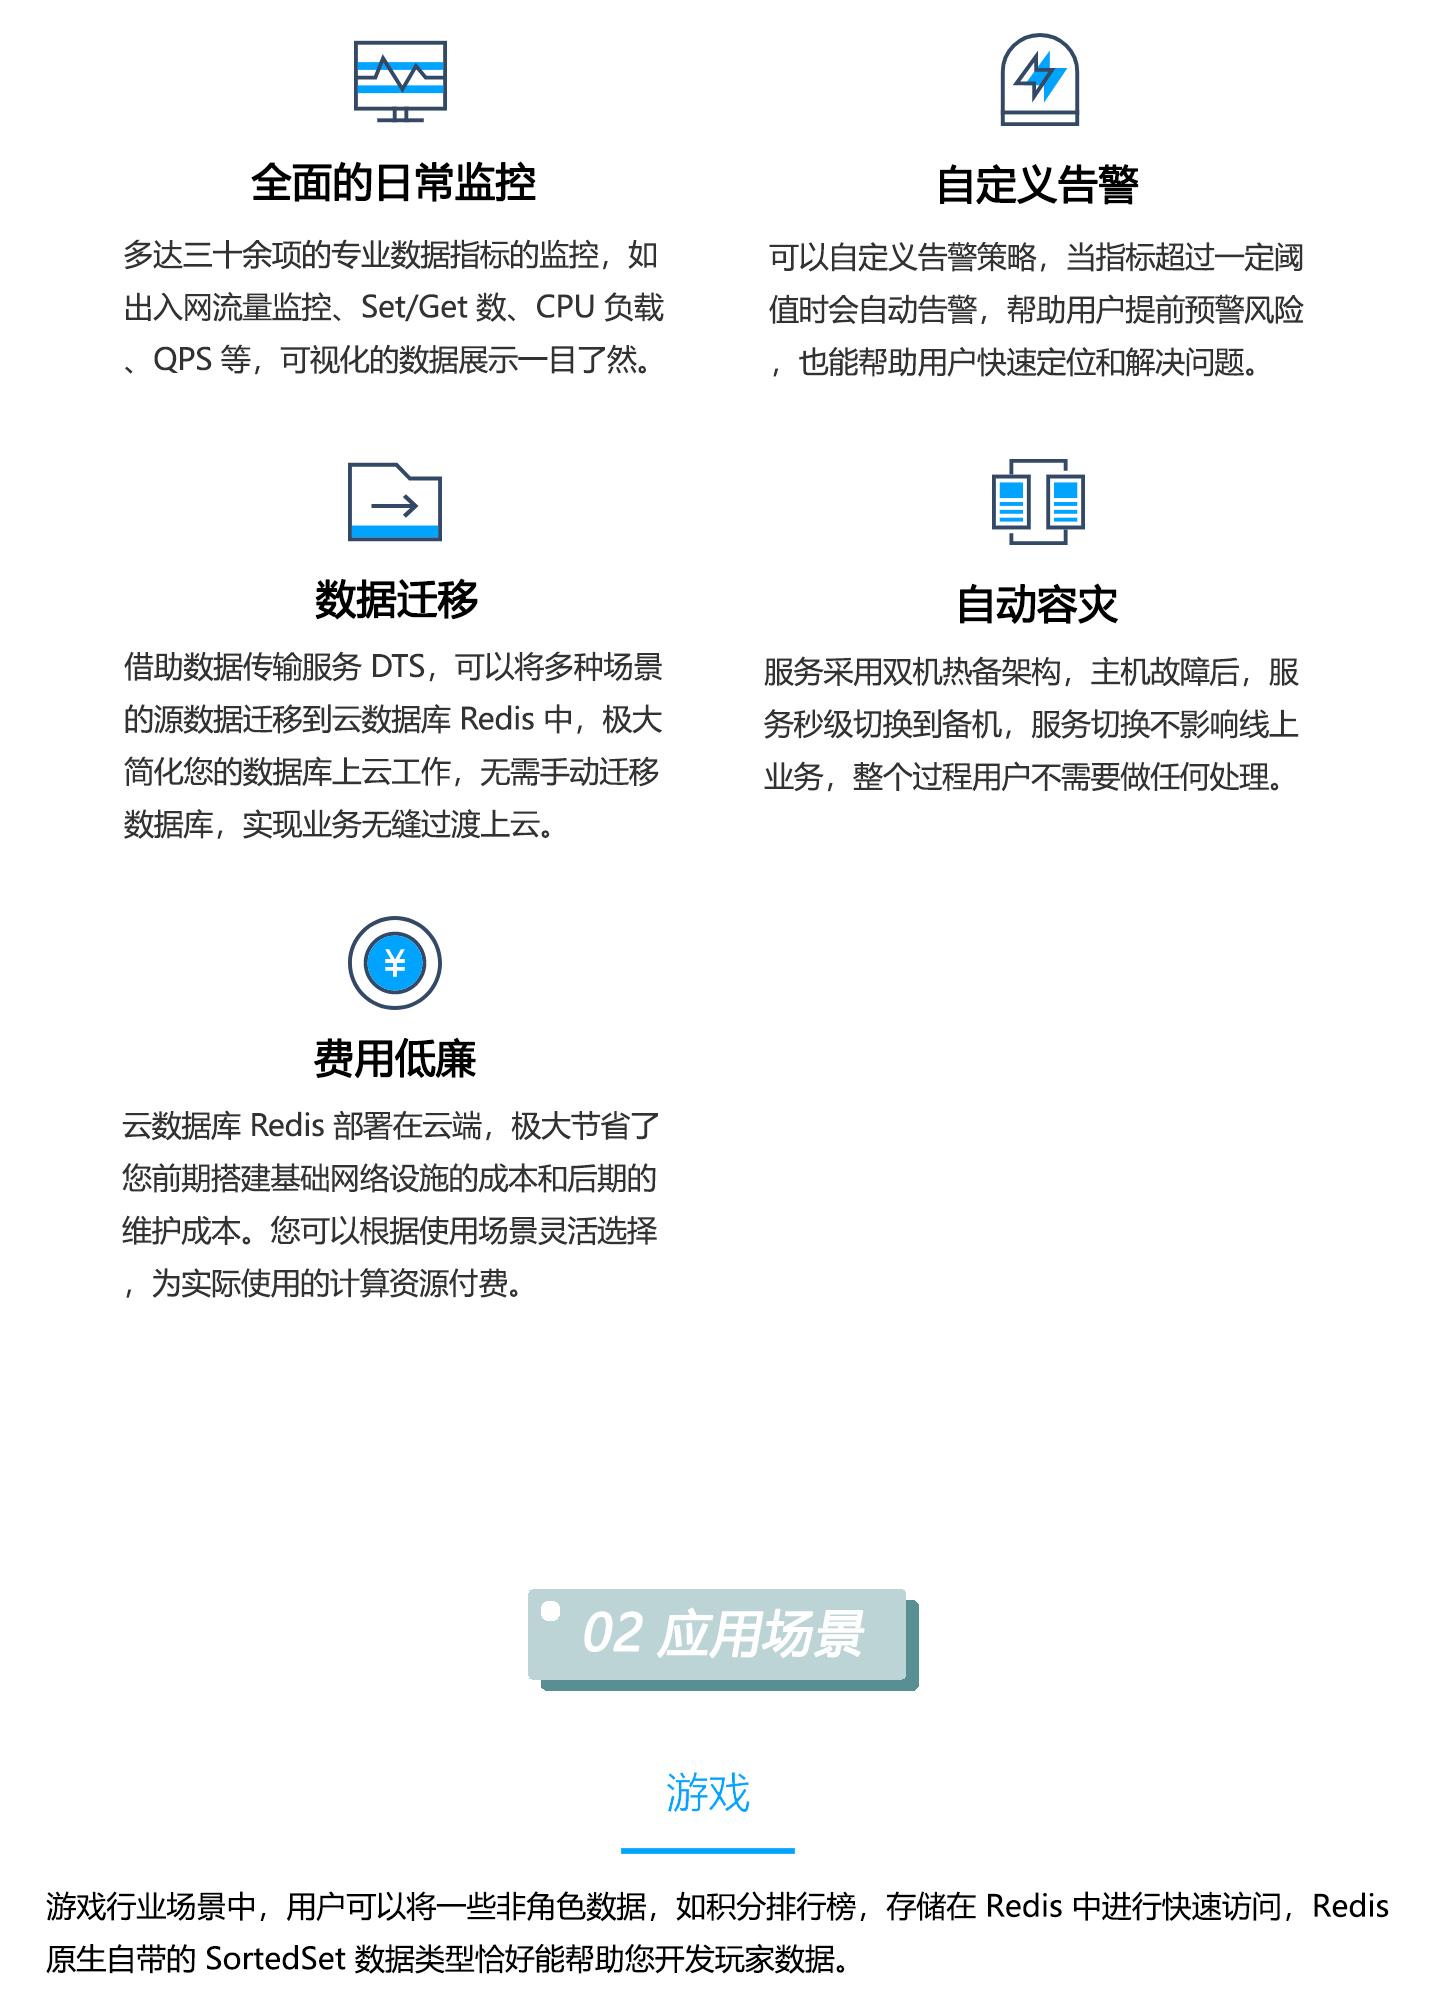 云数据库-TencentDB-for-Redis-1440_02.jpg